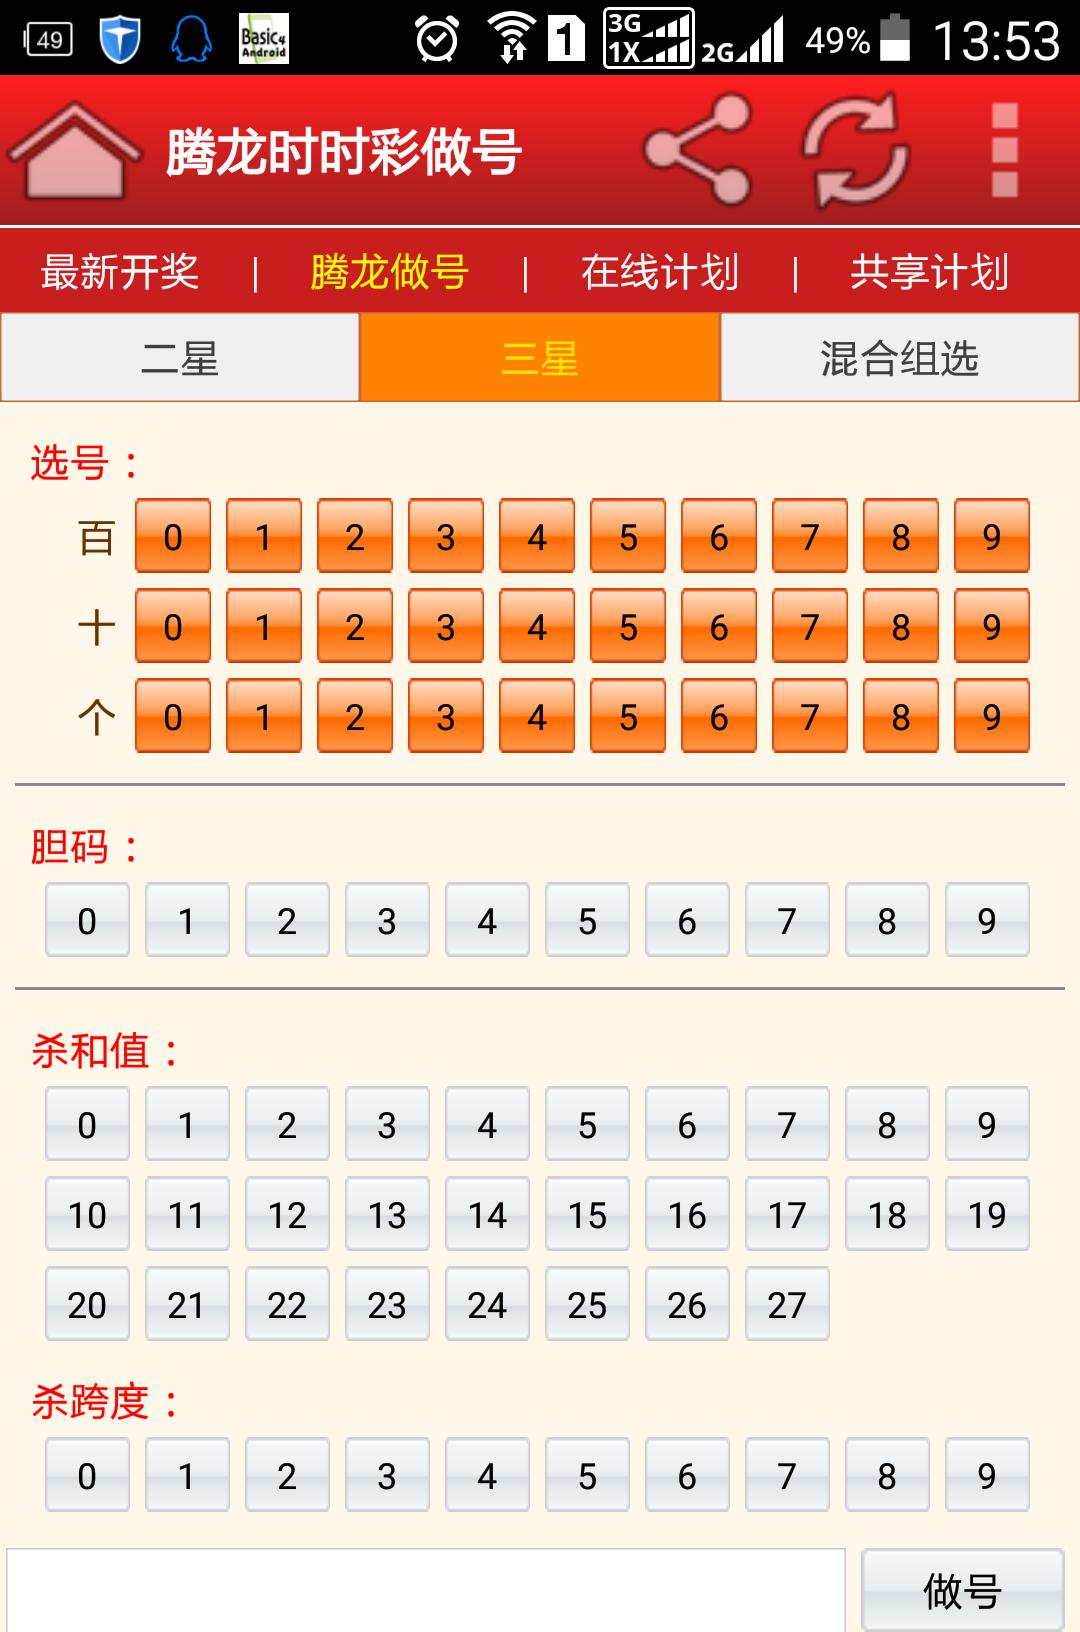 软件包括重庆时时彩实时开奖,开奖时语音报号